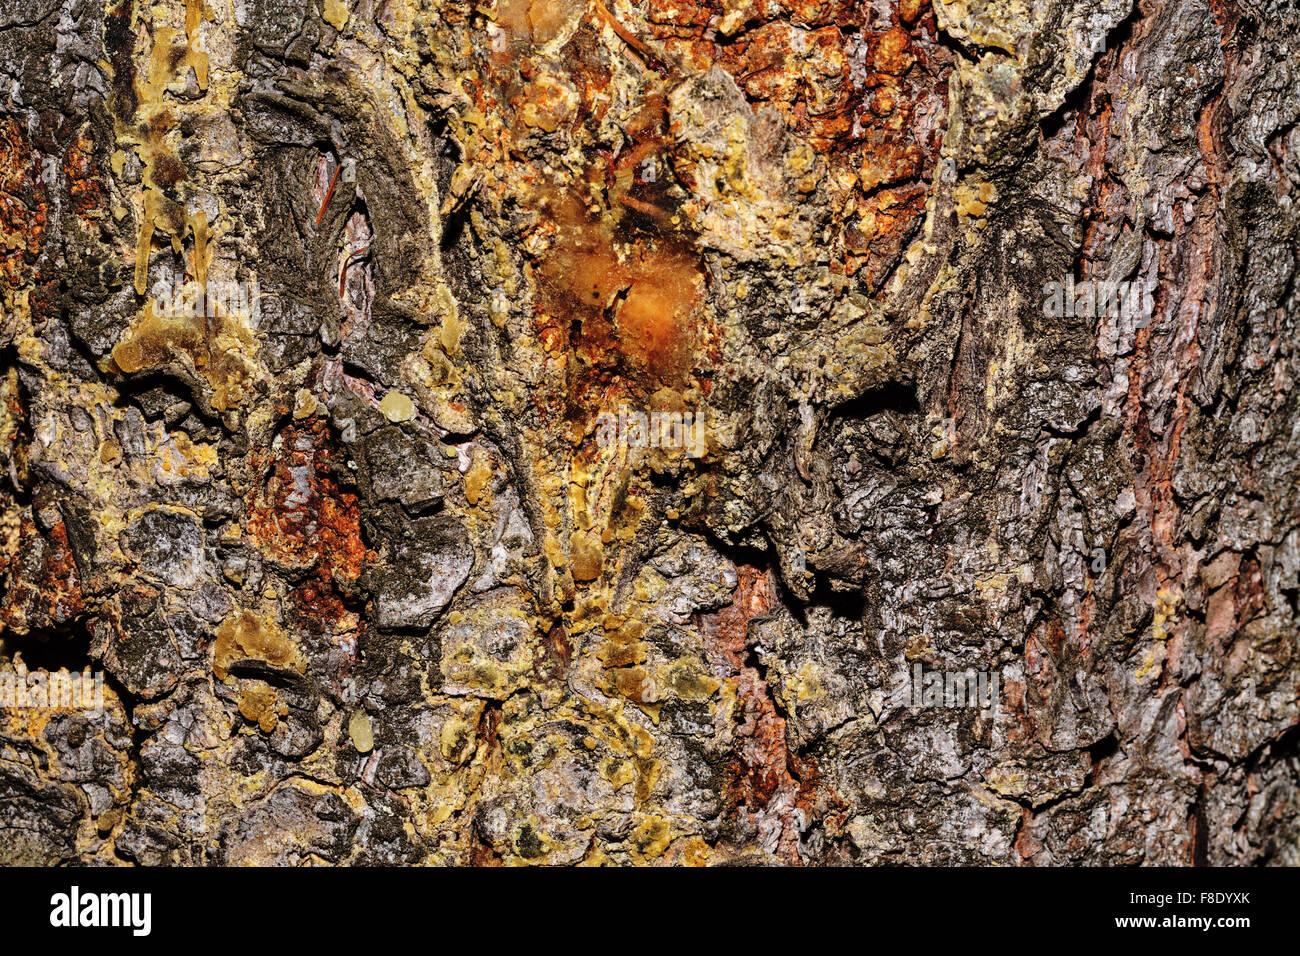 Kiefer Rinde Hintergrund. Unbehandeltes Holz. Grunge Texturen. Stockfoto